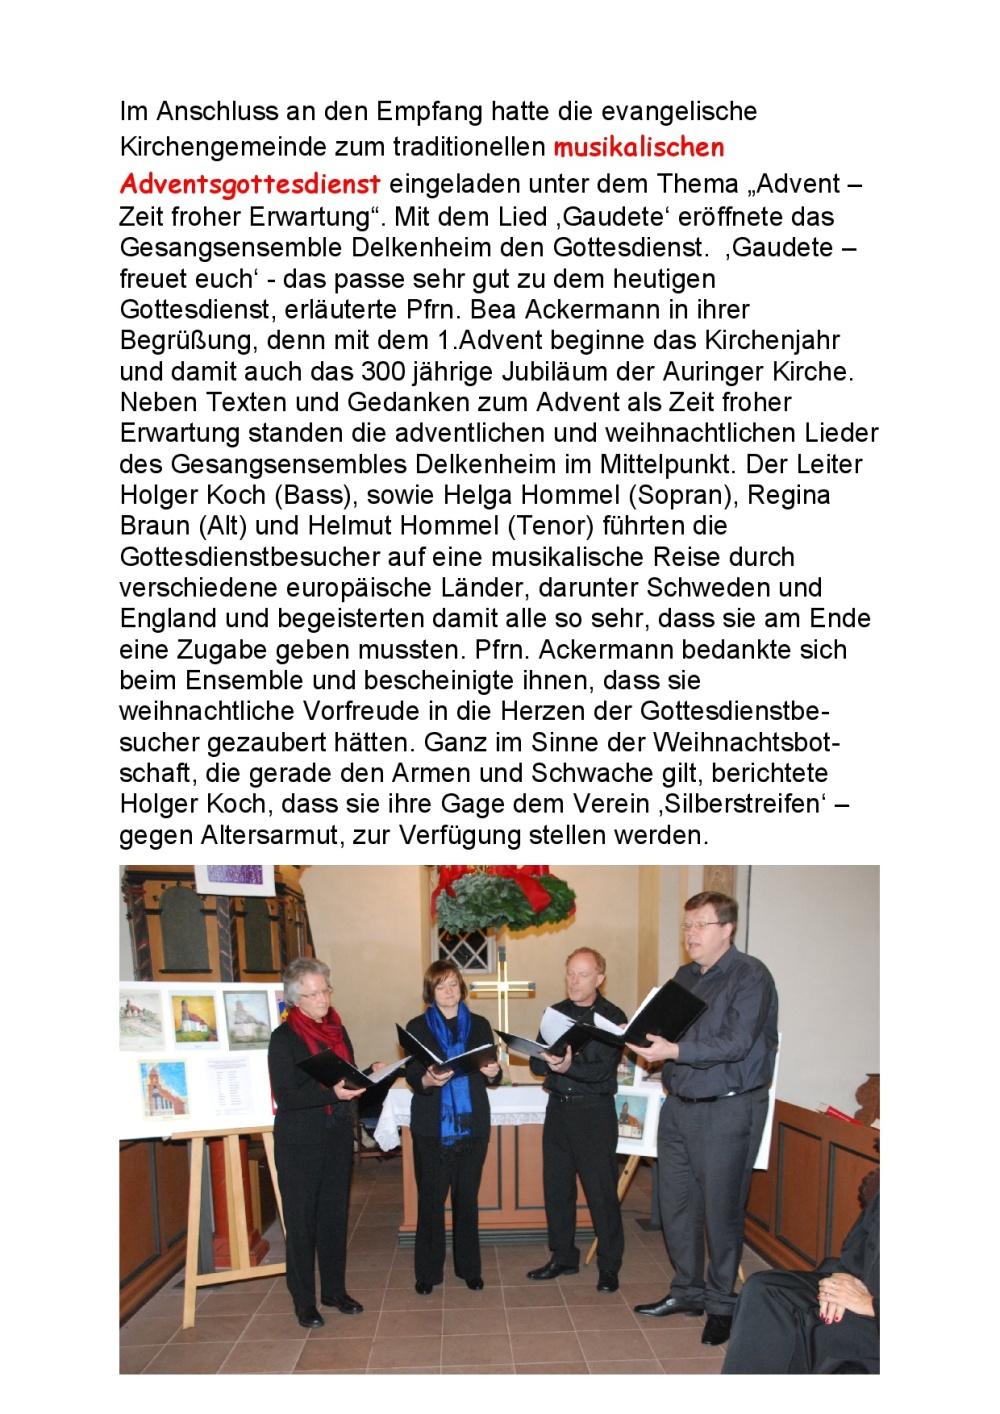 2015-11-29 Musikalischer Abendgodi 1. Advent-002